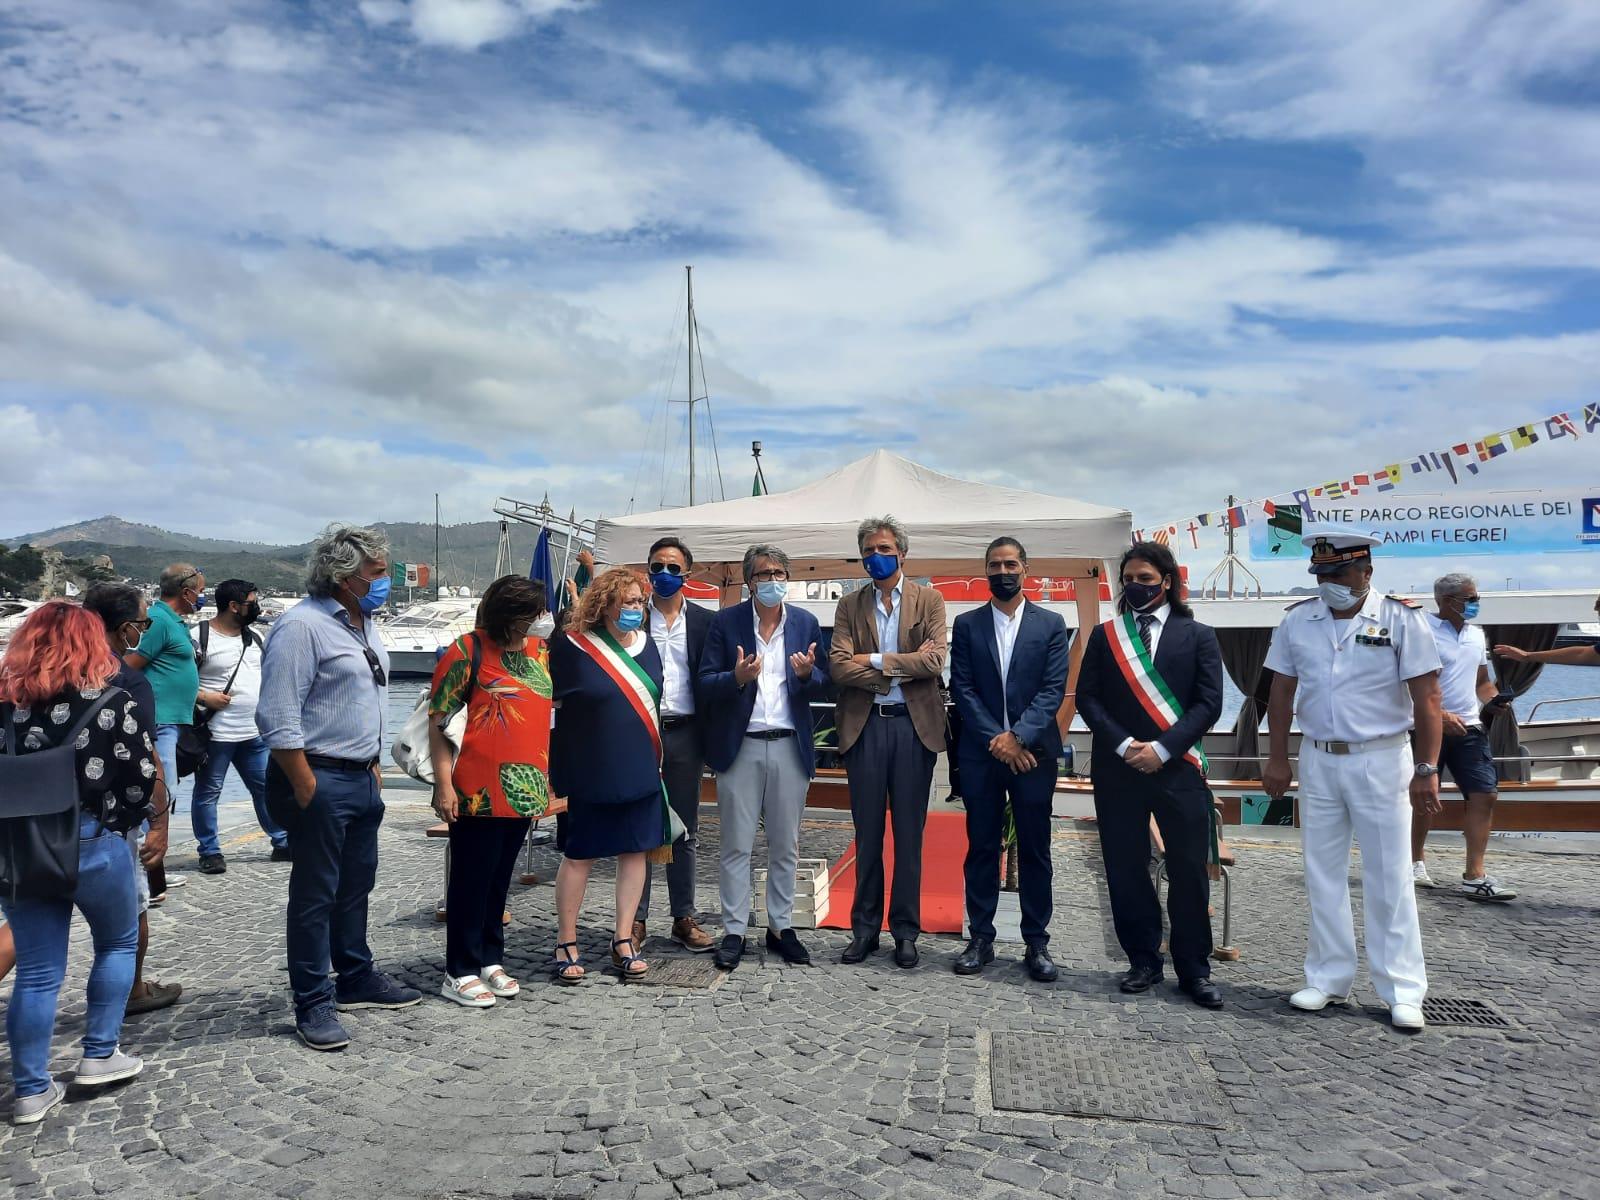 Campi Flegrei: inaugurato il percorso Marittimo nelle Aree Marine Protette dell'Ente Parco Regionale